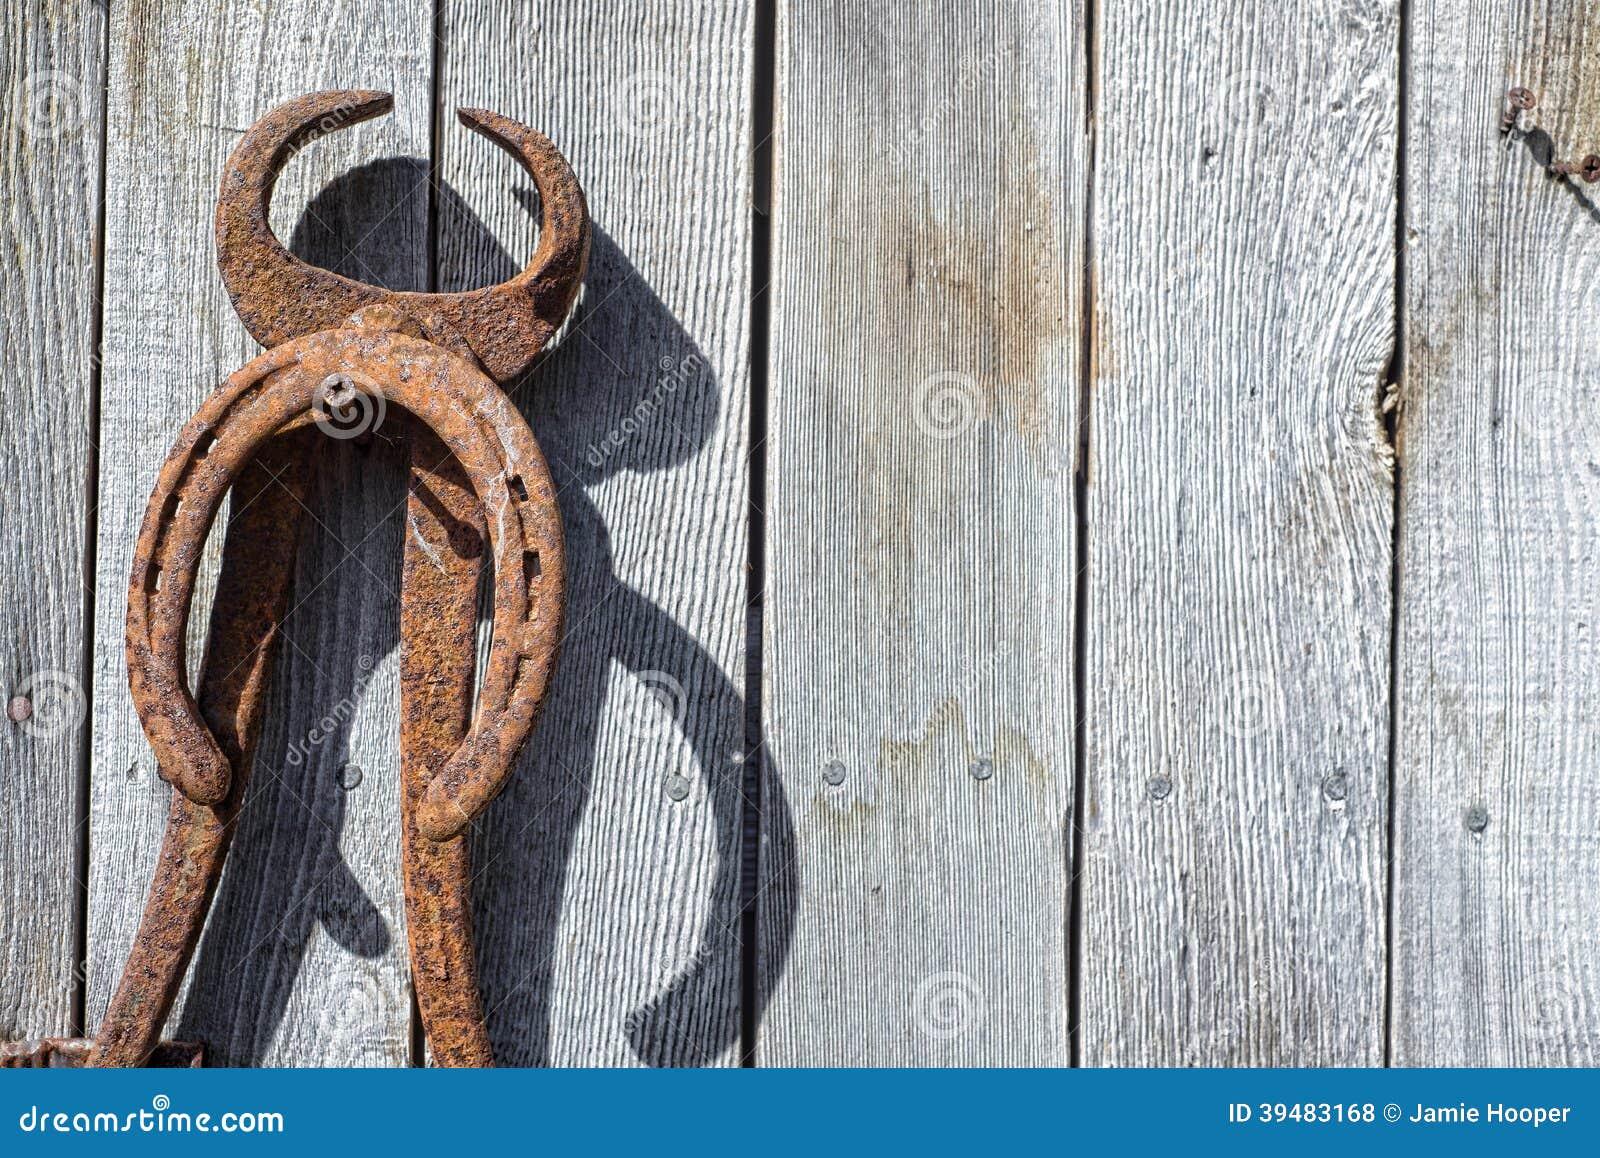 Antique Horseshoeing Tool Wall Stock Photo Image 39483168